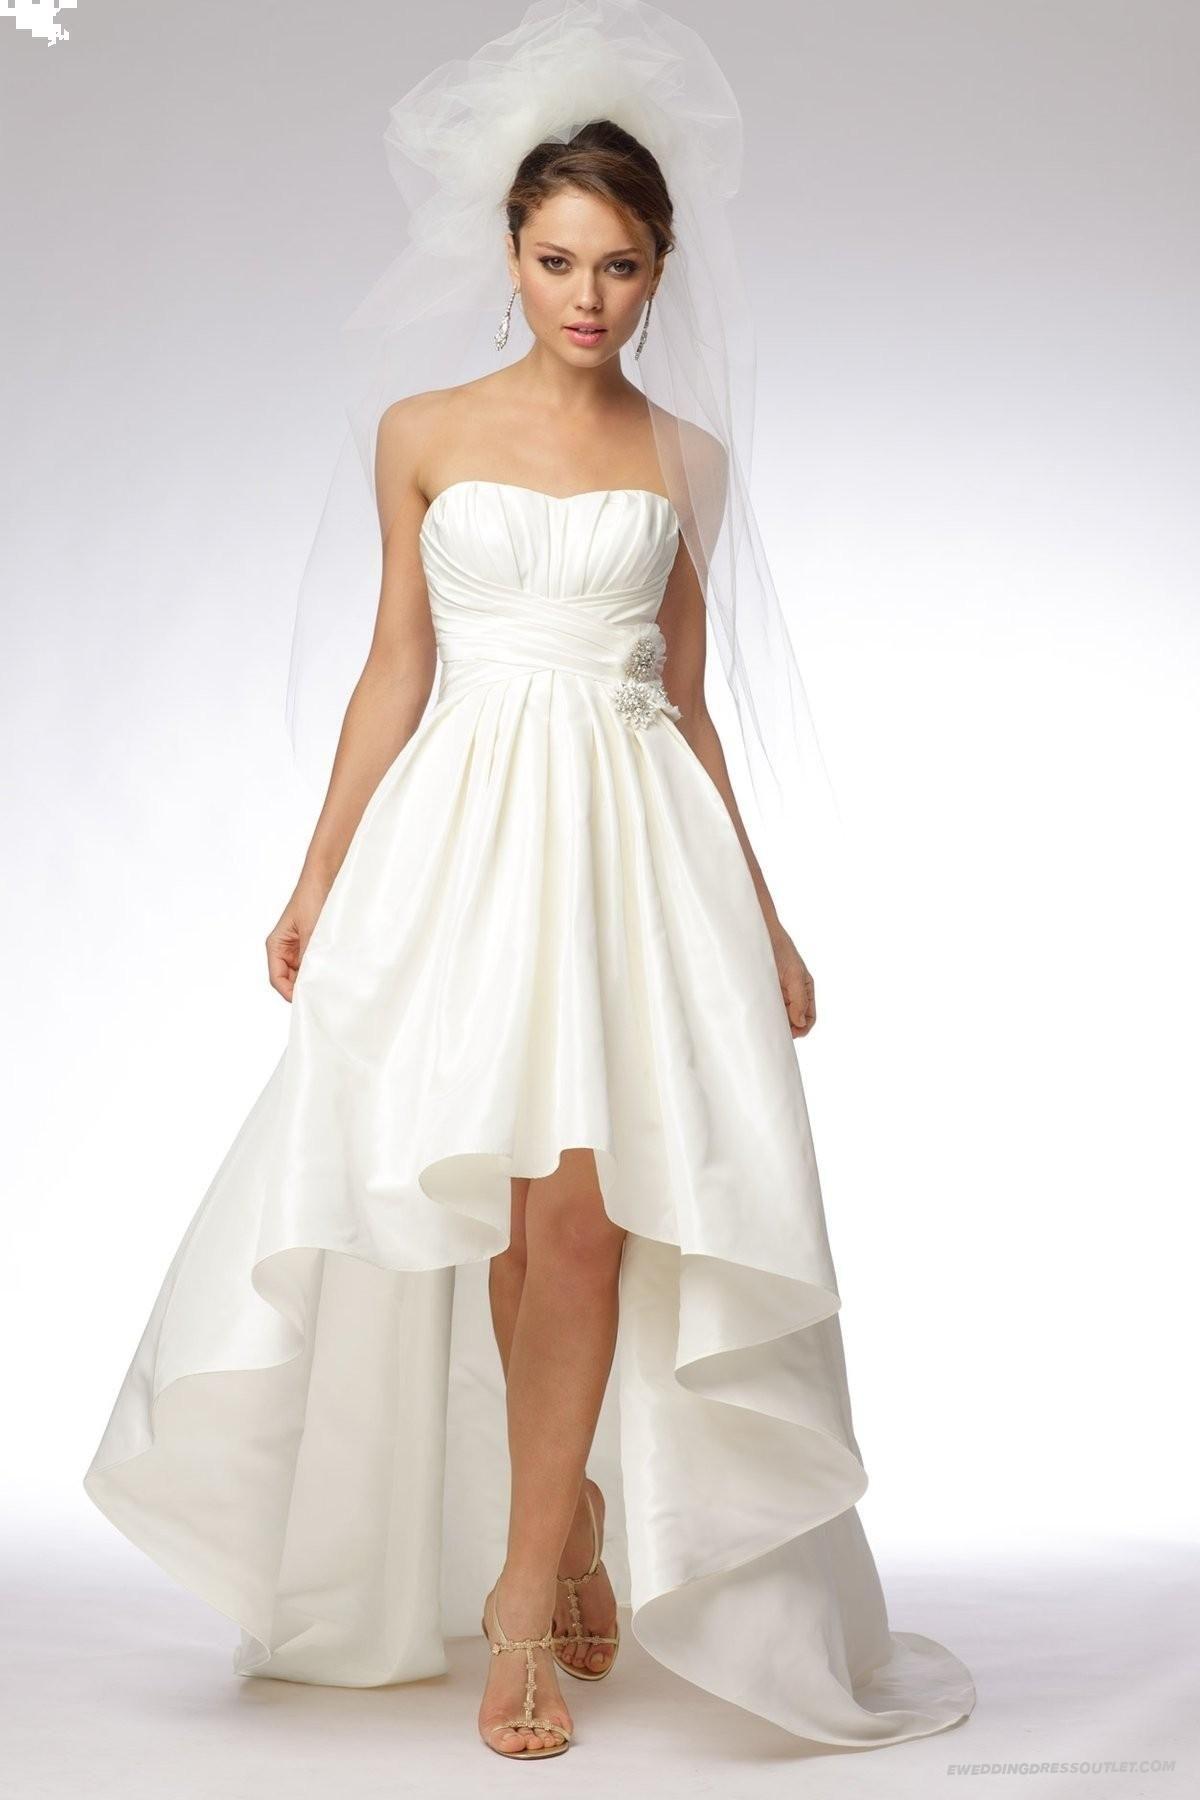 Informal Beach Wedding Dress Photos Wedding Gowns Pinterest